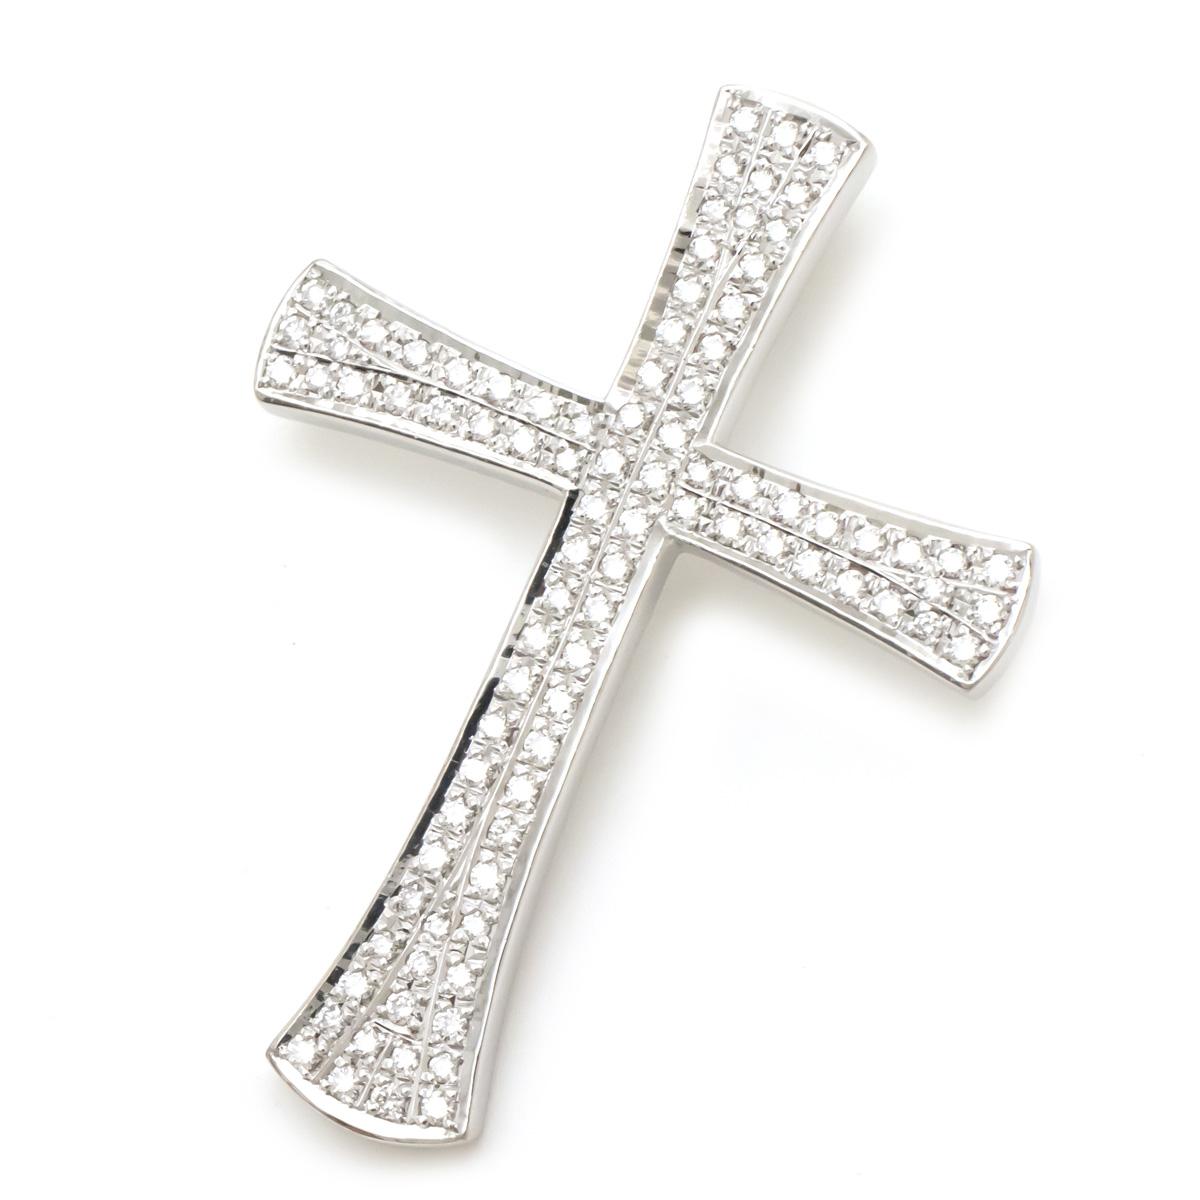 Sランク品 ジュエリー 新品仕上げ済 安心と信頼 クロス 十字架 トップ ダイヤモンド ペンダントトップ ホワイトゴールド D0.89 中古 K18WG 40%OFFの激安セール